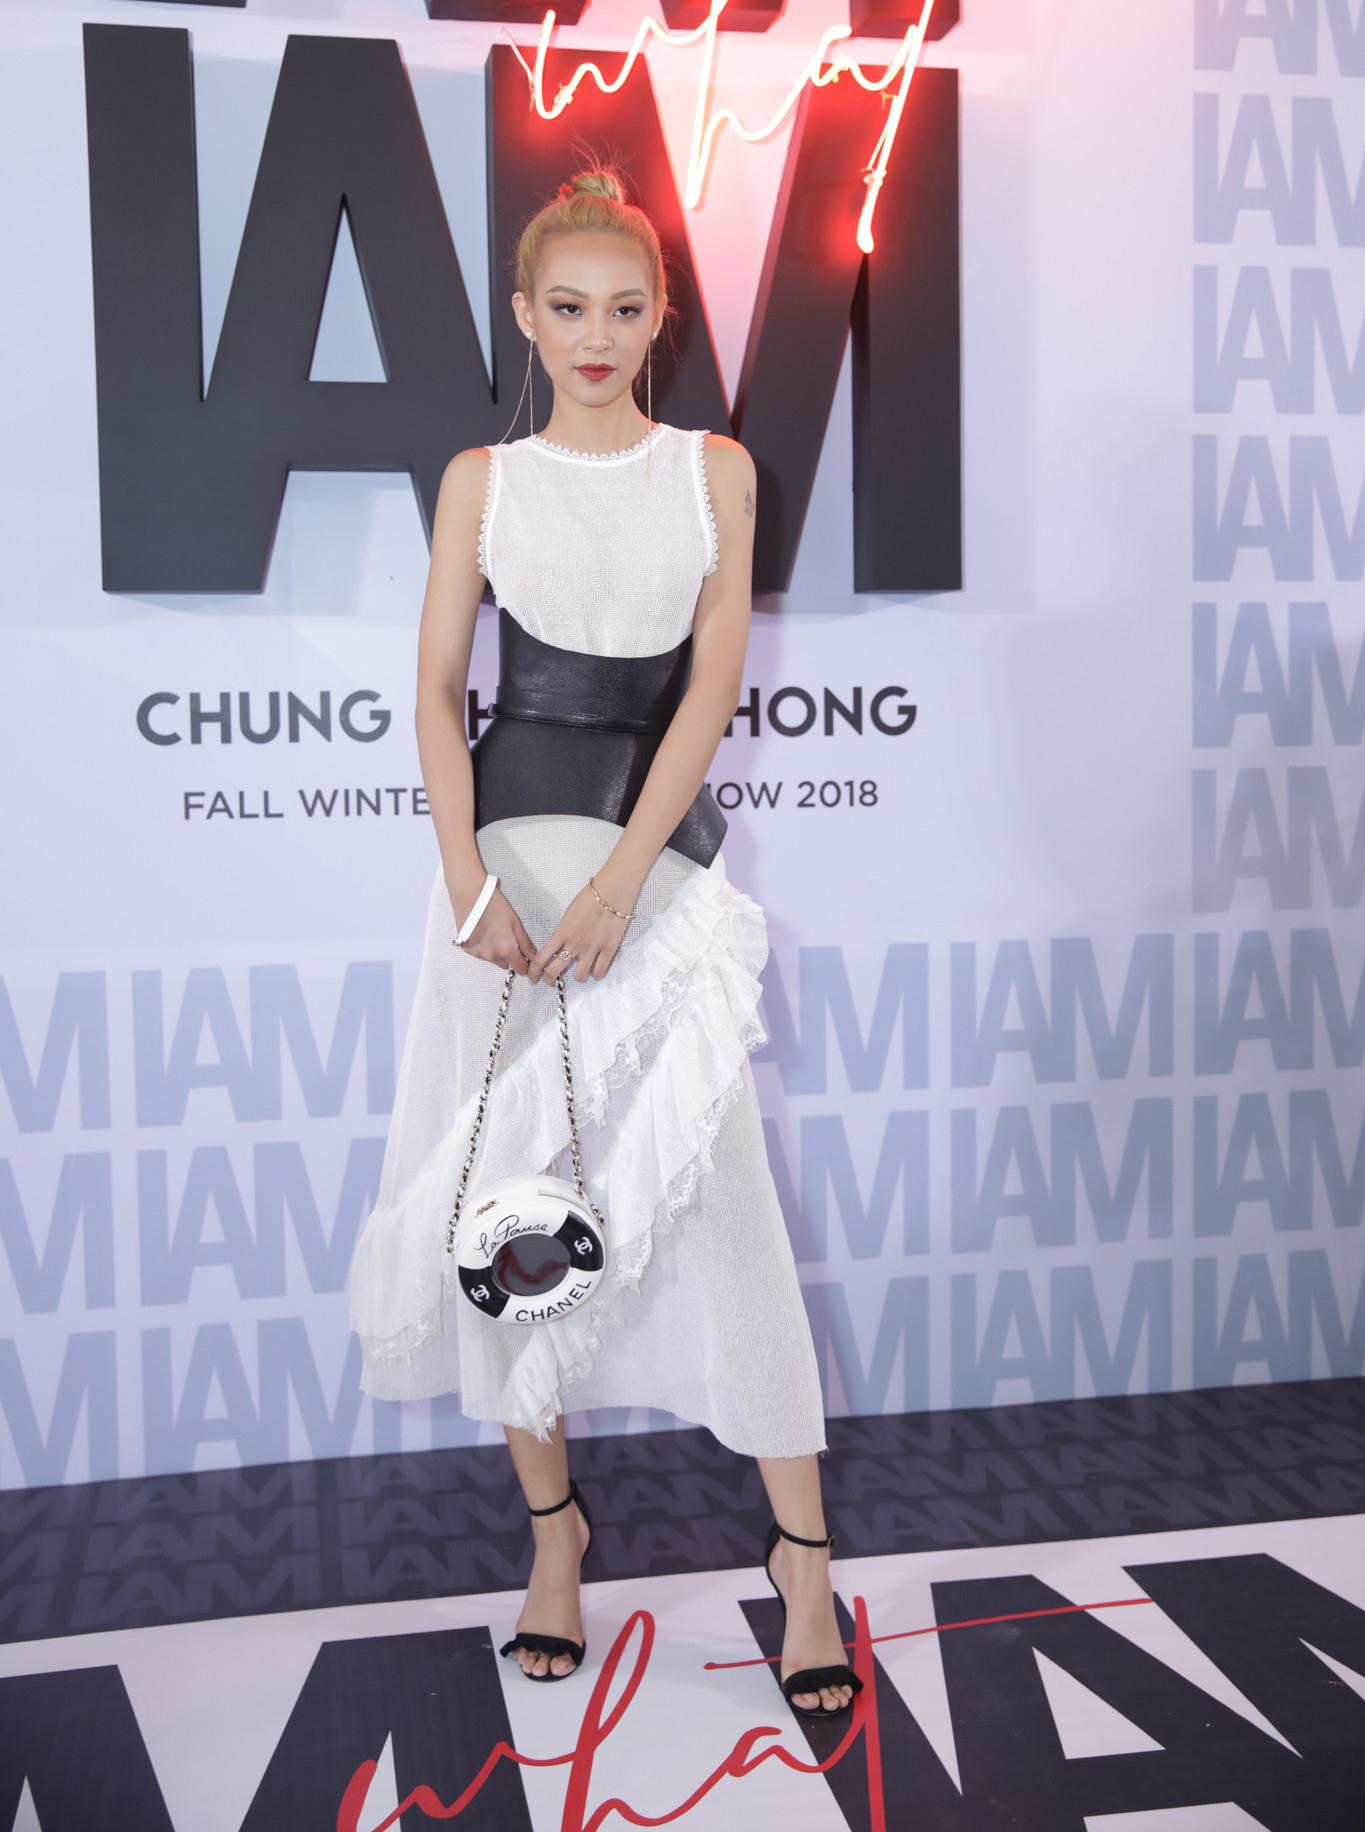 Thảm đỏ show Chung Thanh Phong: Khi dàn sao nữ đồng loạt lên đồ như dự lễ hội Halloween - Ảnh 5